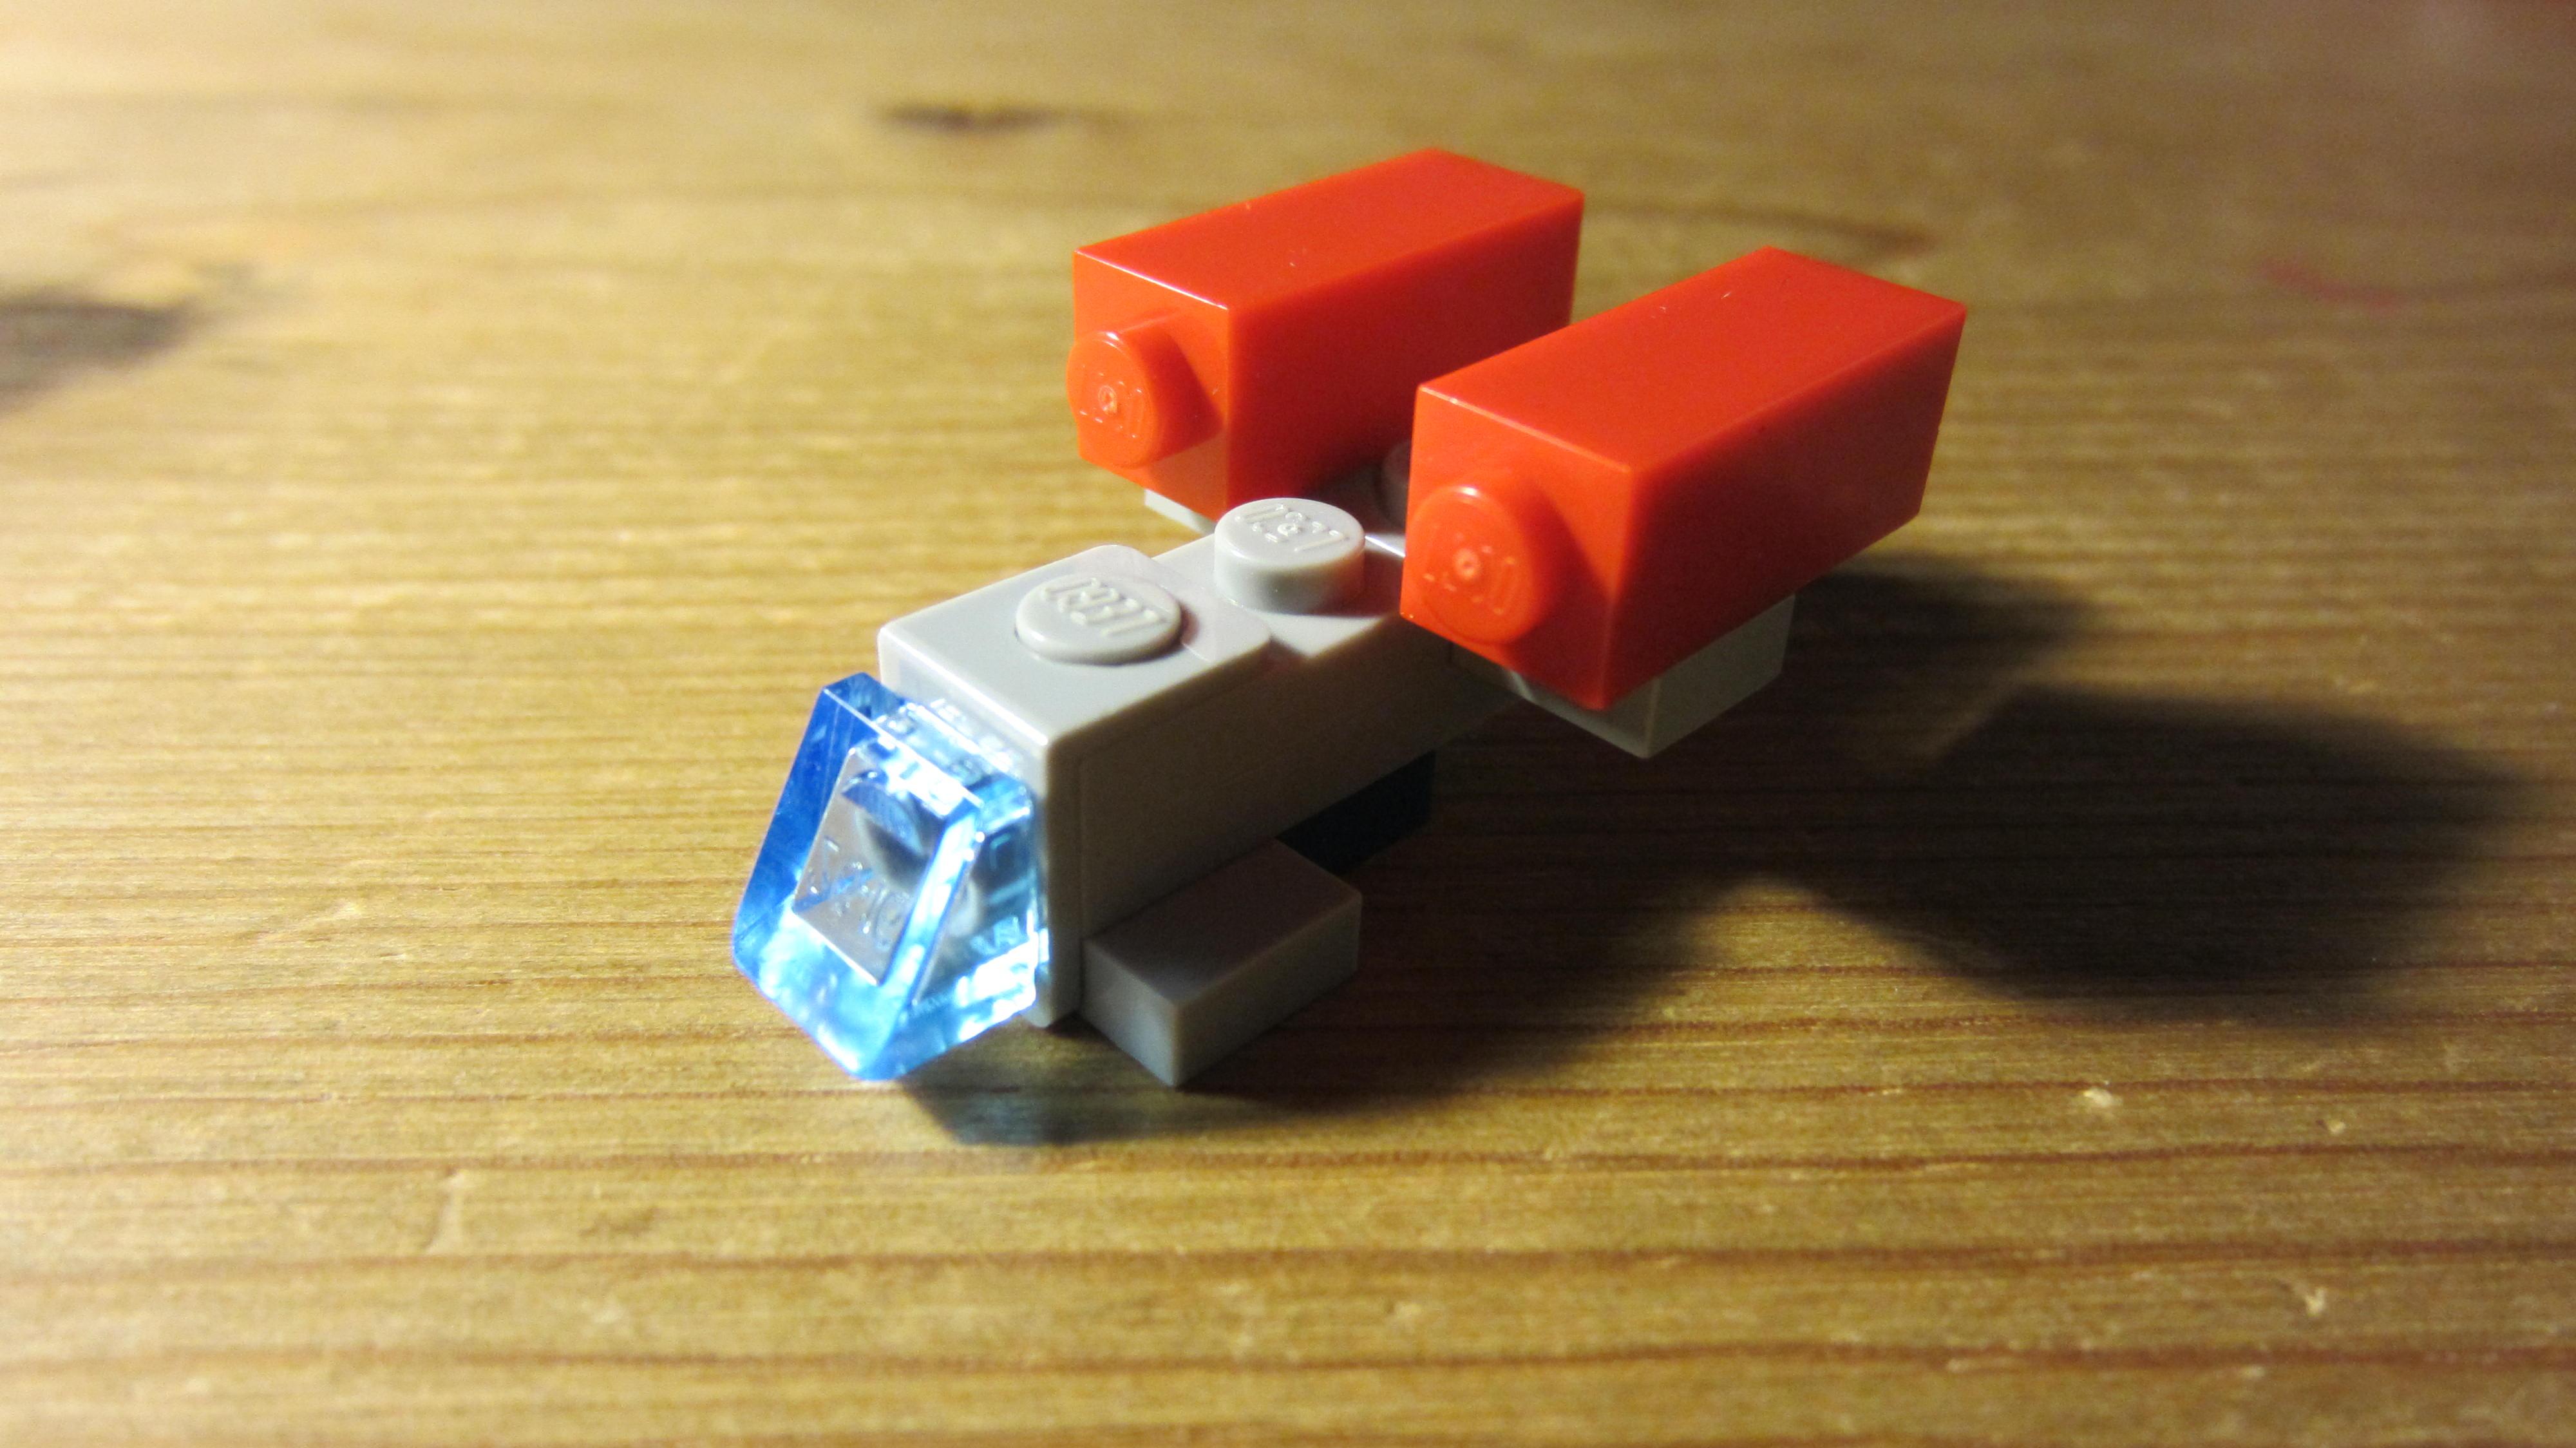 Sfondi : lego tecnologia giocattolo mini micro illuminazione i